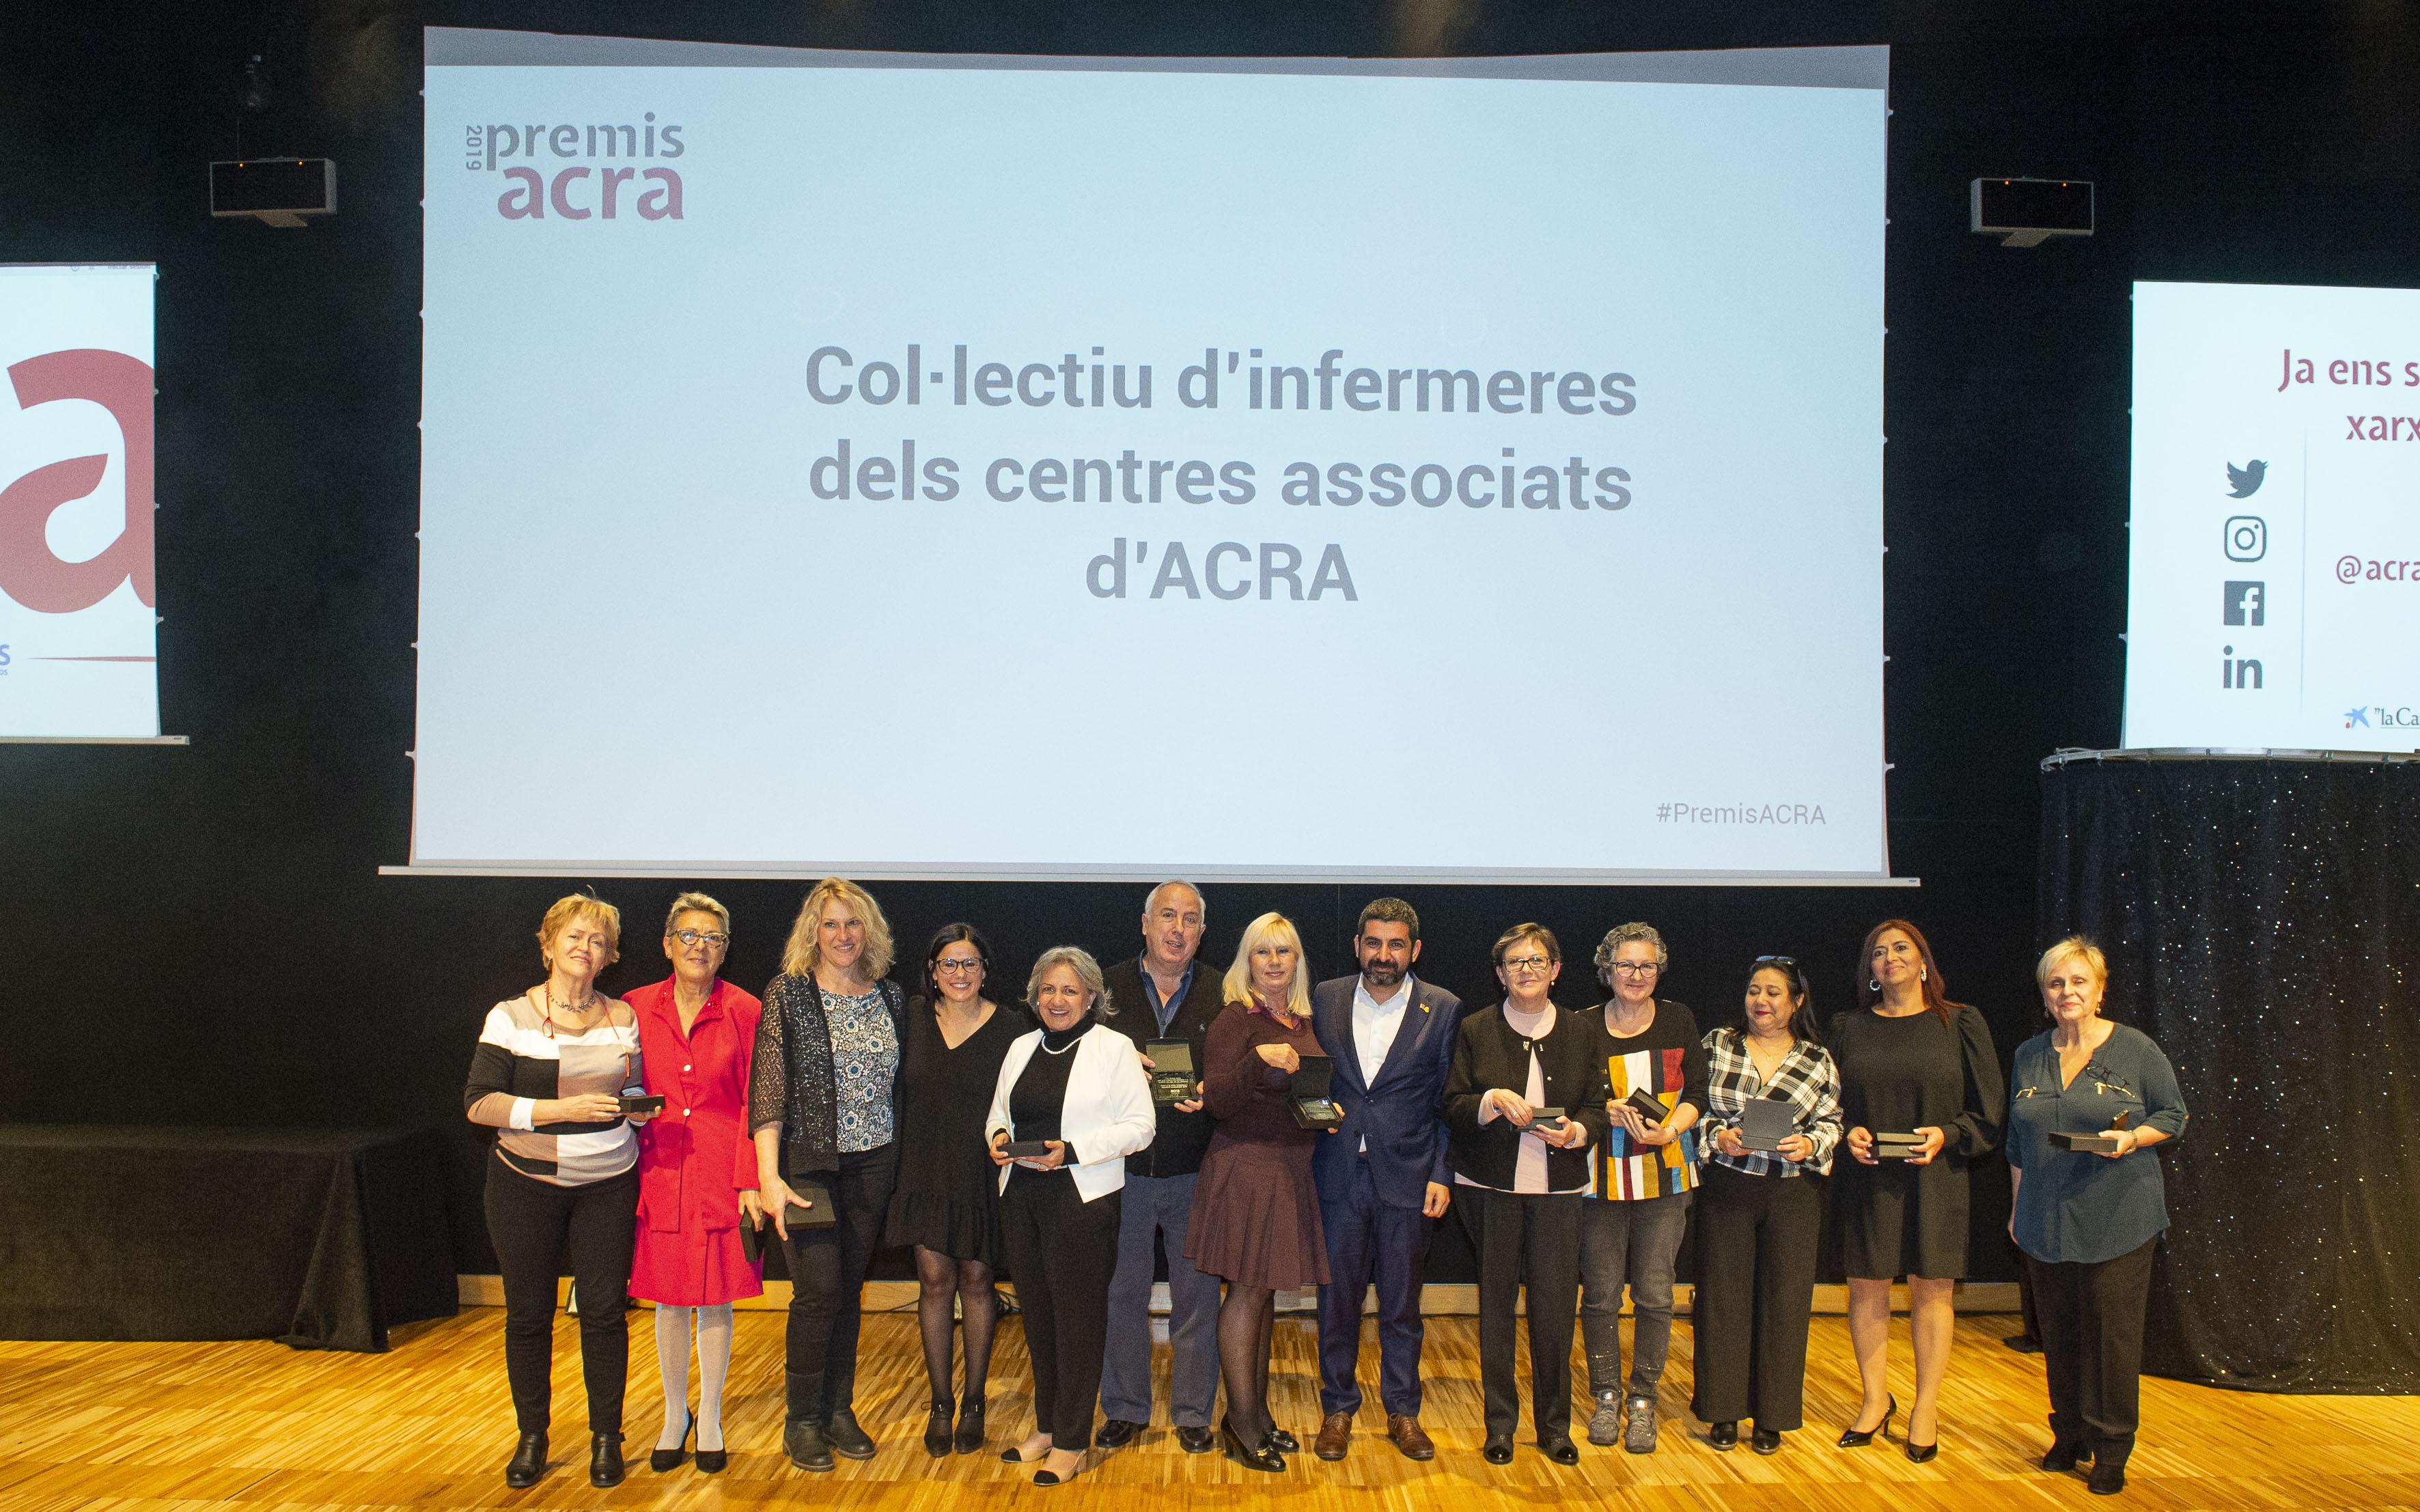 Les infermeres dels centres associats d'ACRA, reconegudes amb el Premi ACRA a la millor trajectòria i aportació professional